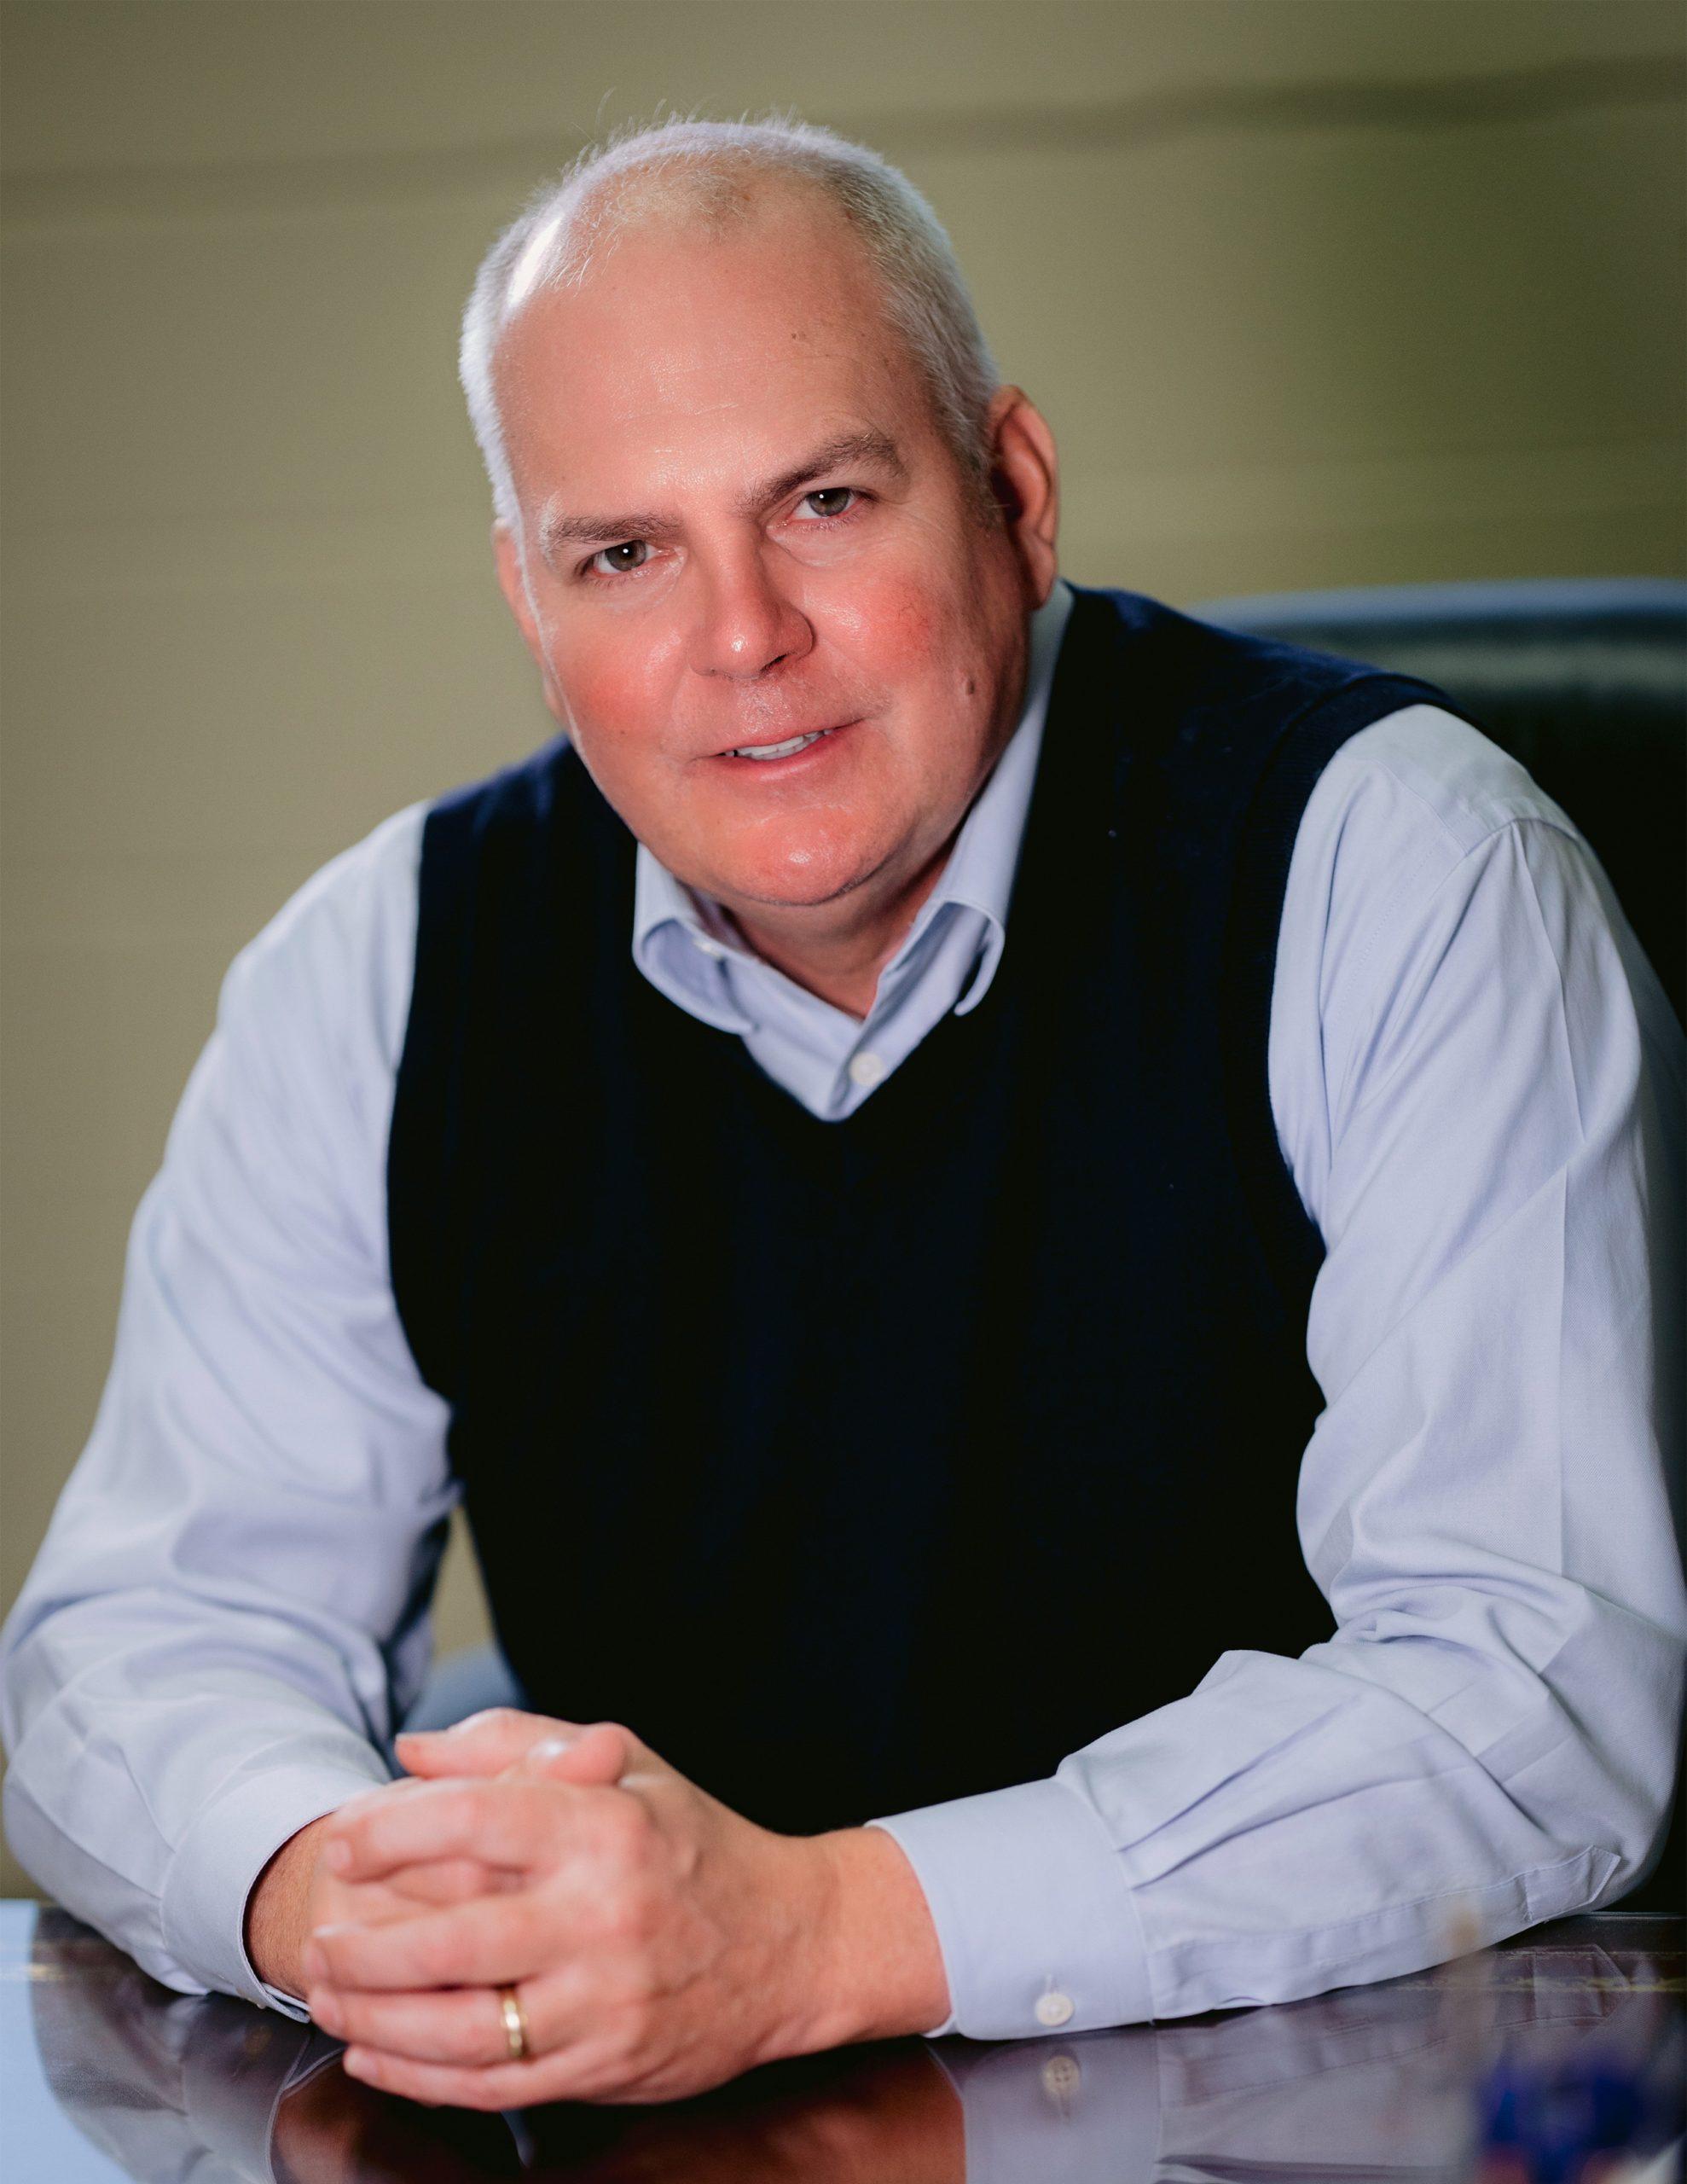 Tim Price - Profile Page